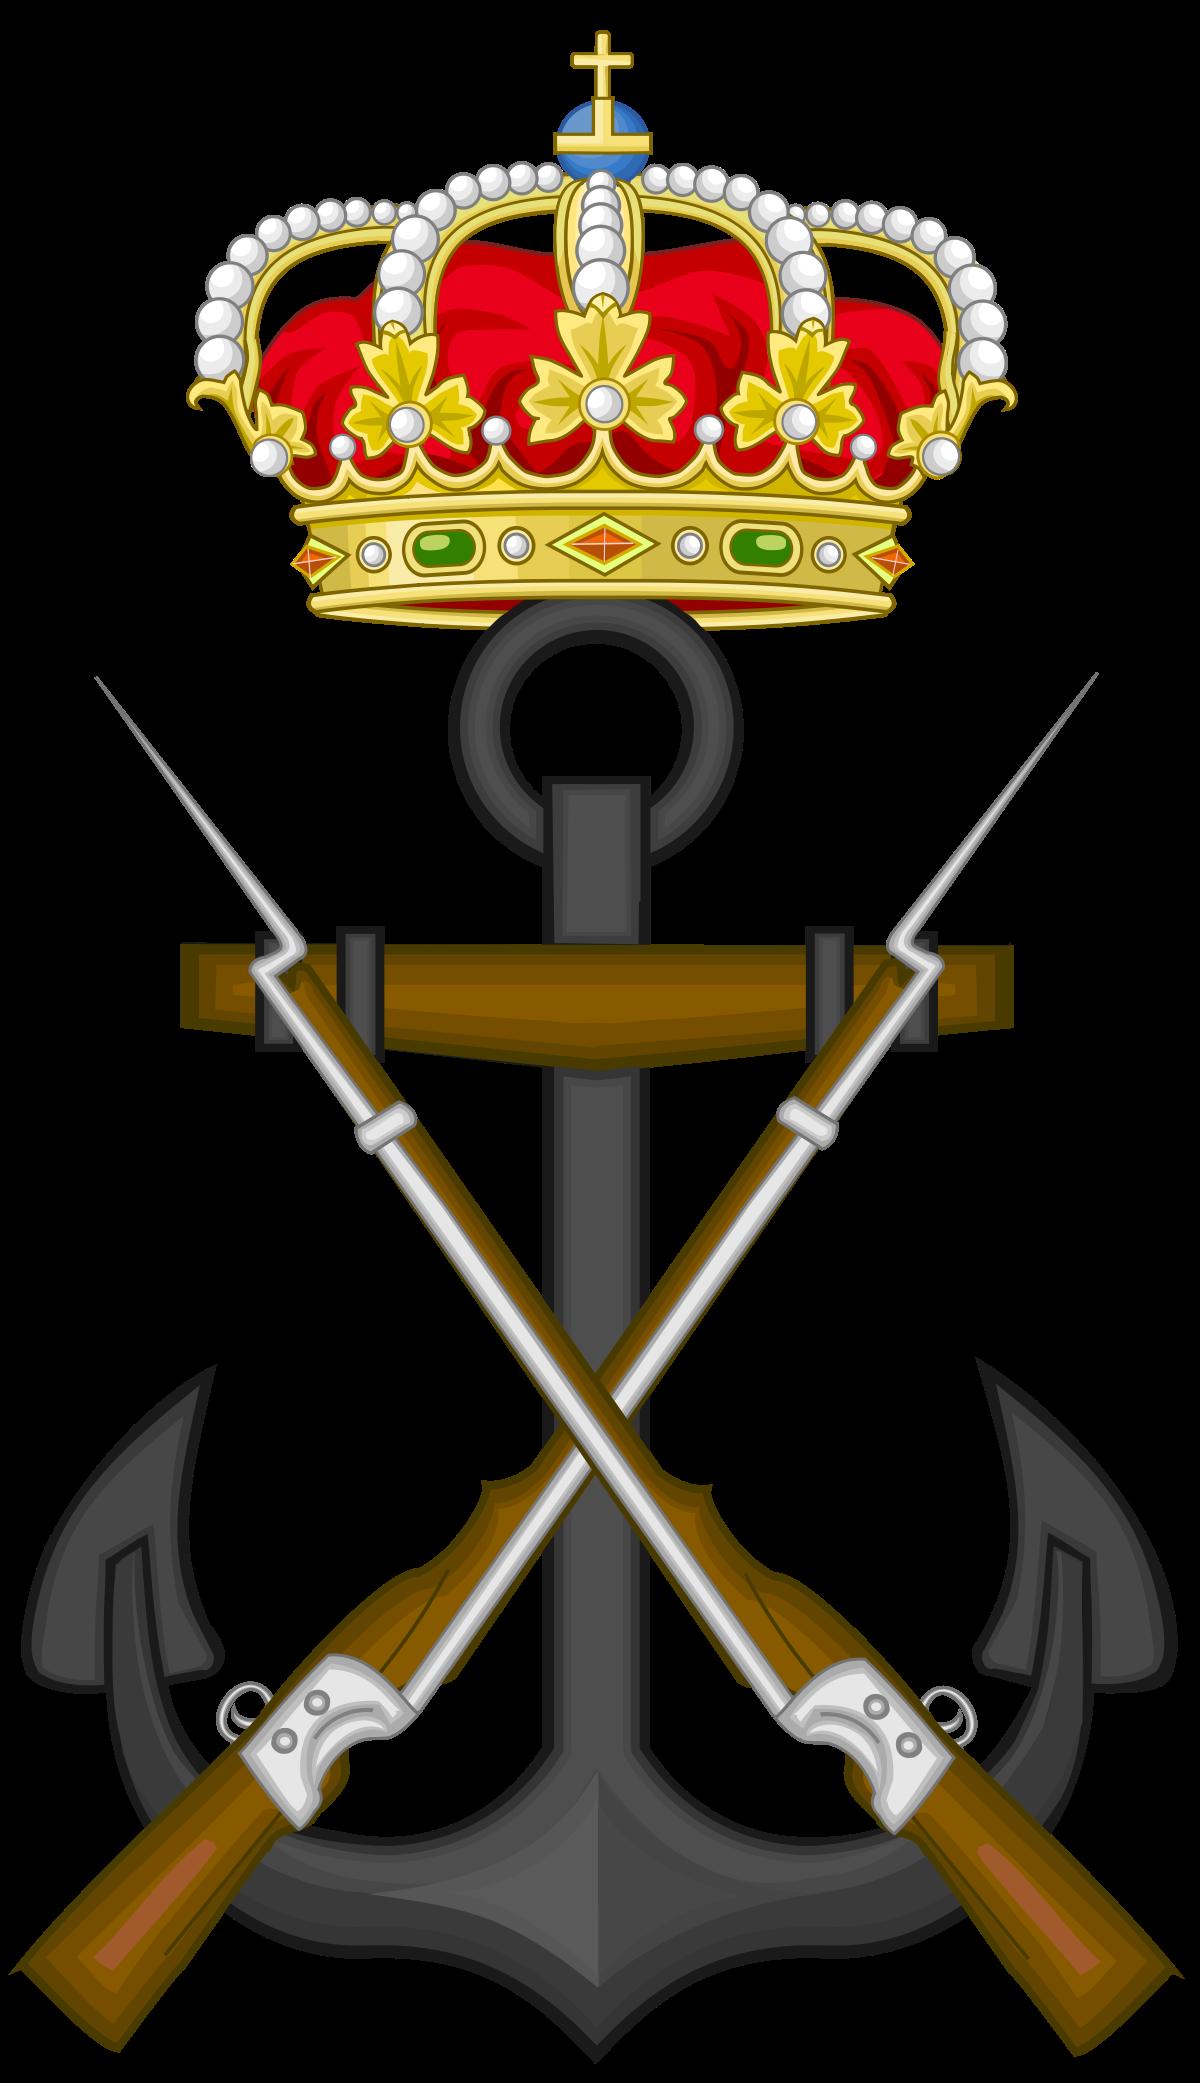 Spanish Navy Marines Wikipedia Infanteria de marina